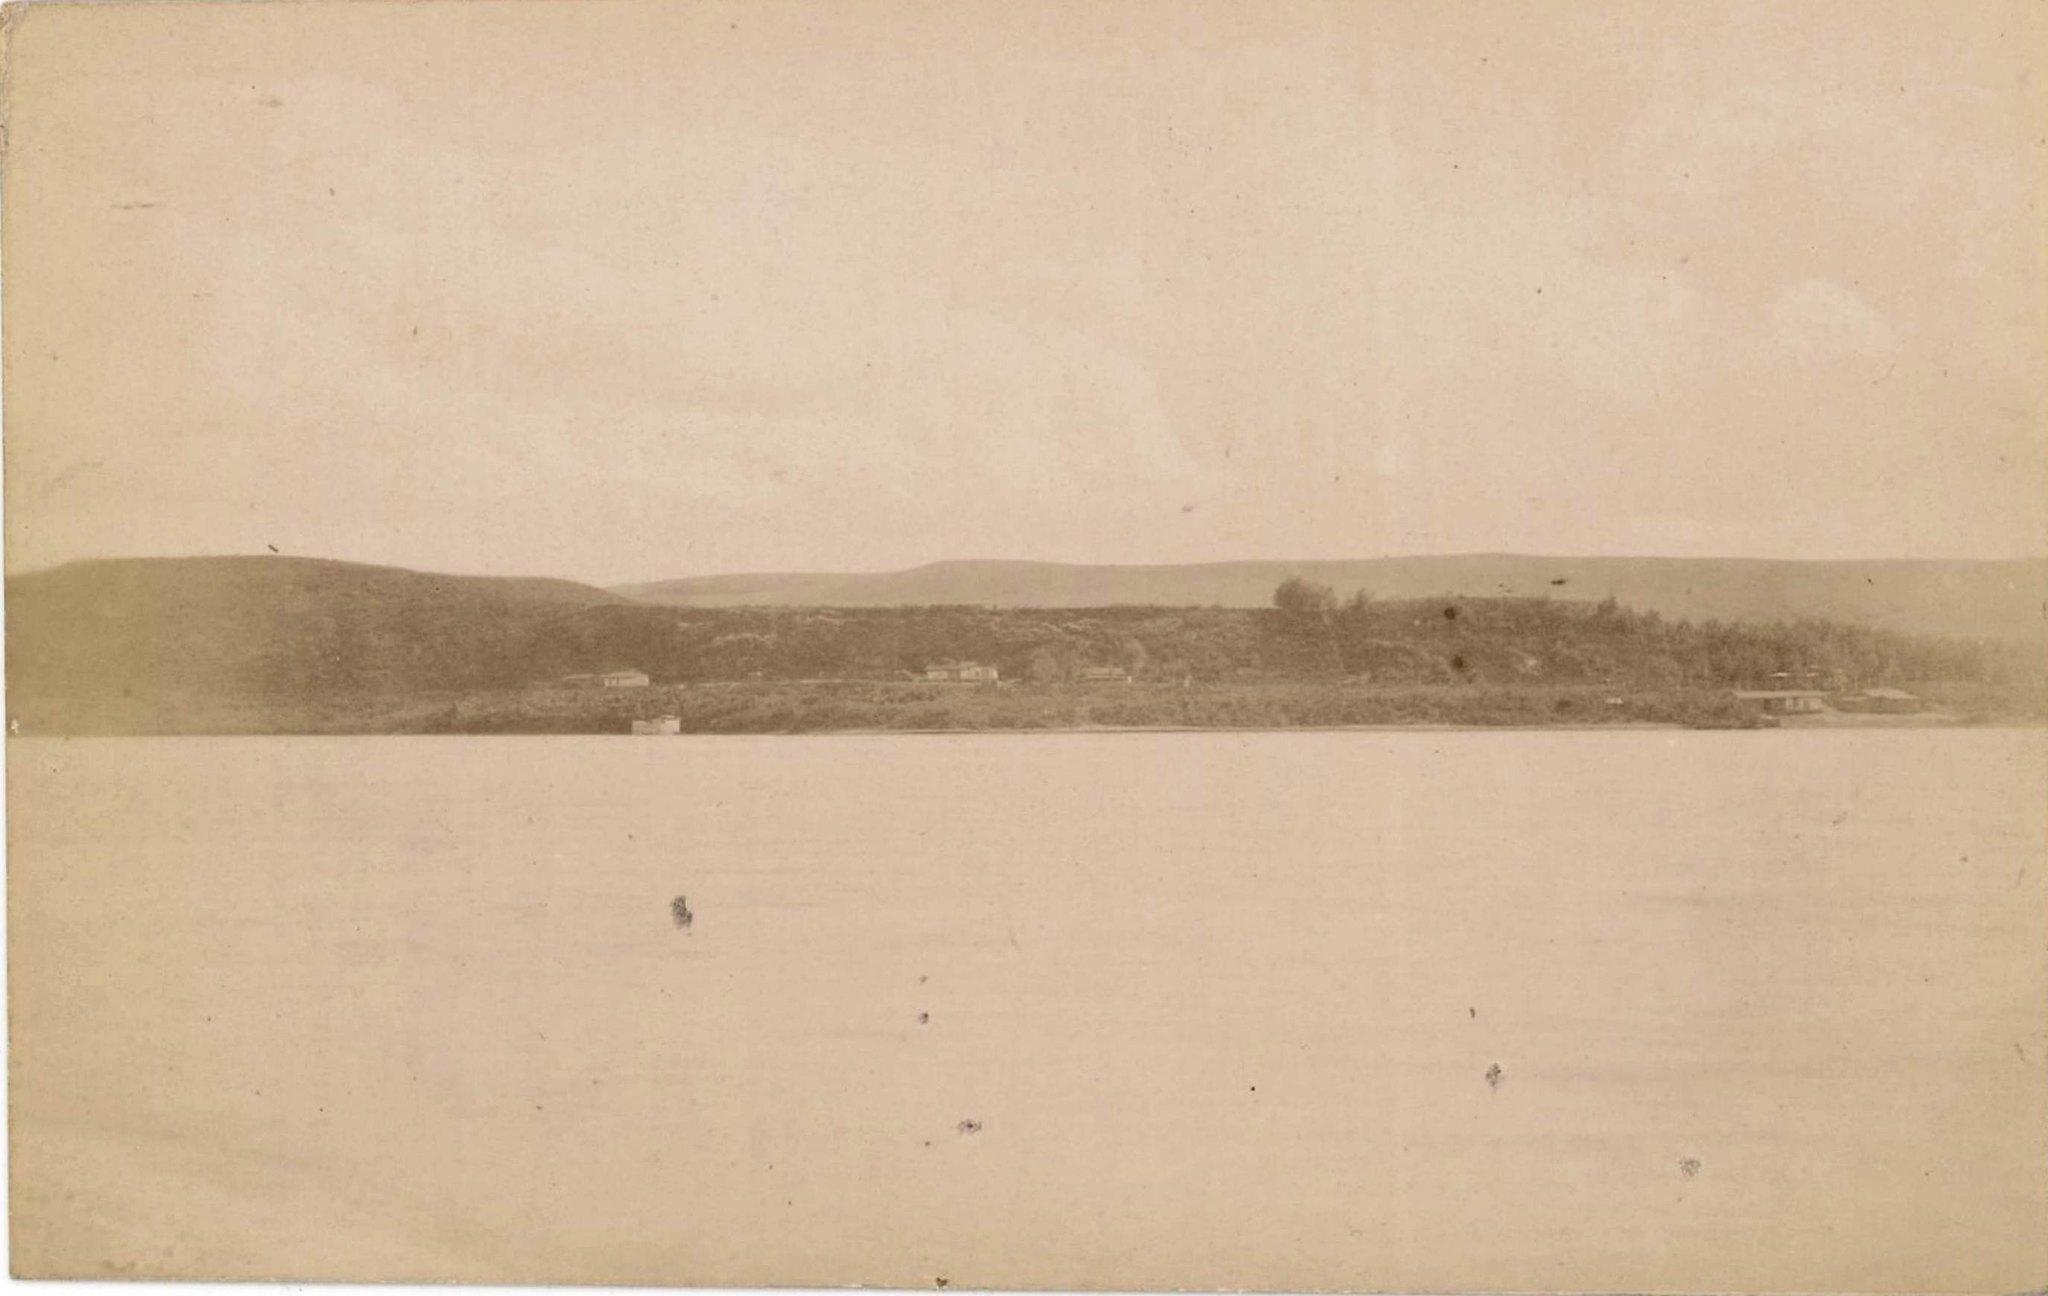 07. озеро Иссык-Куль близ Каракола